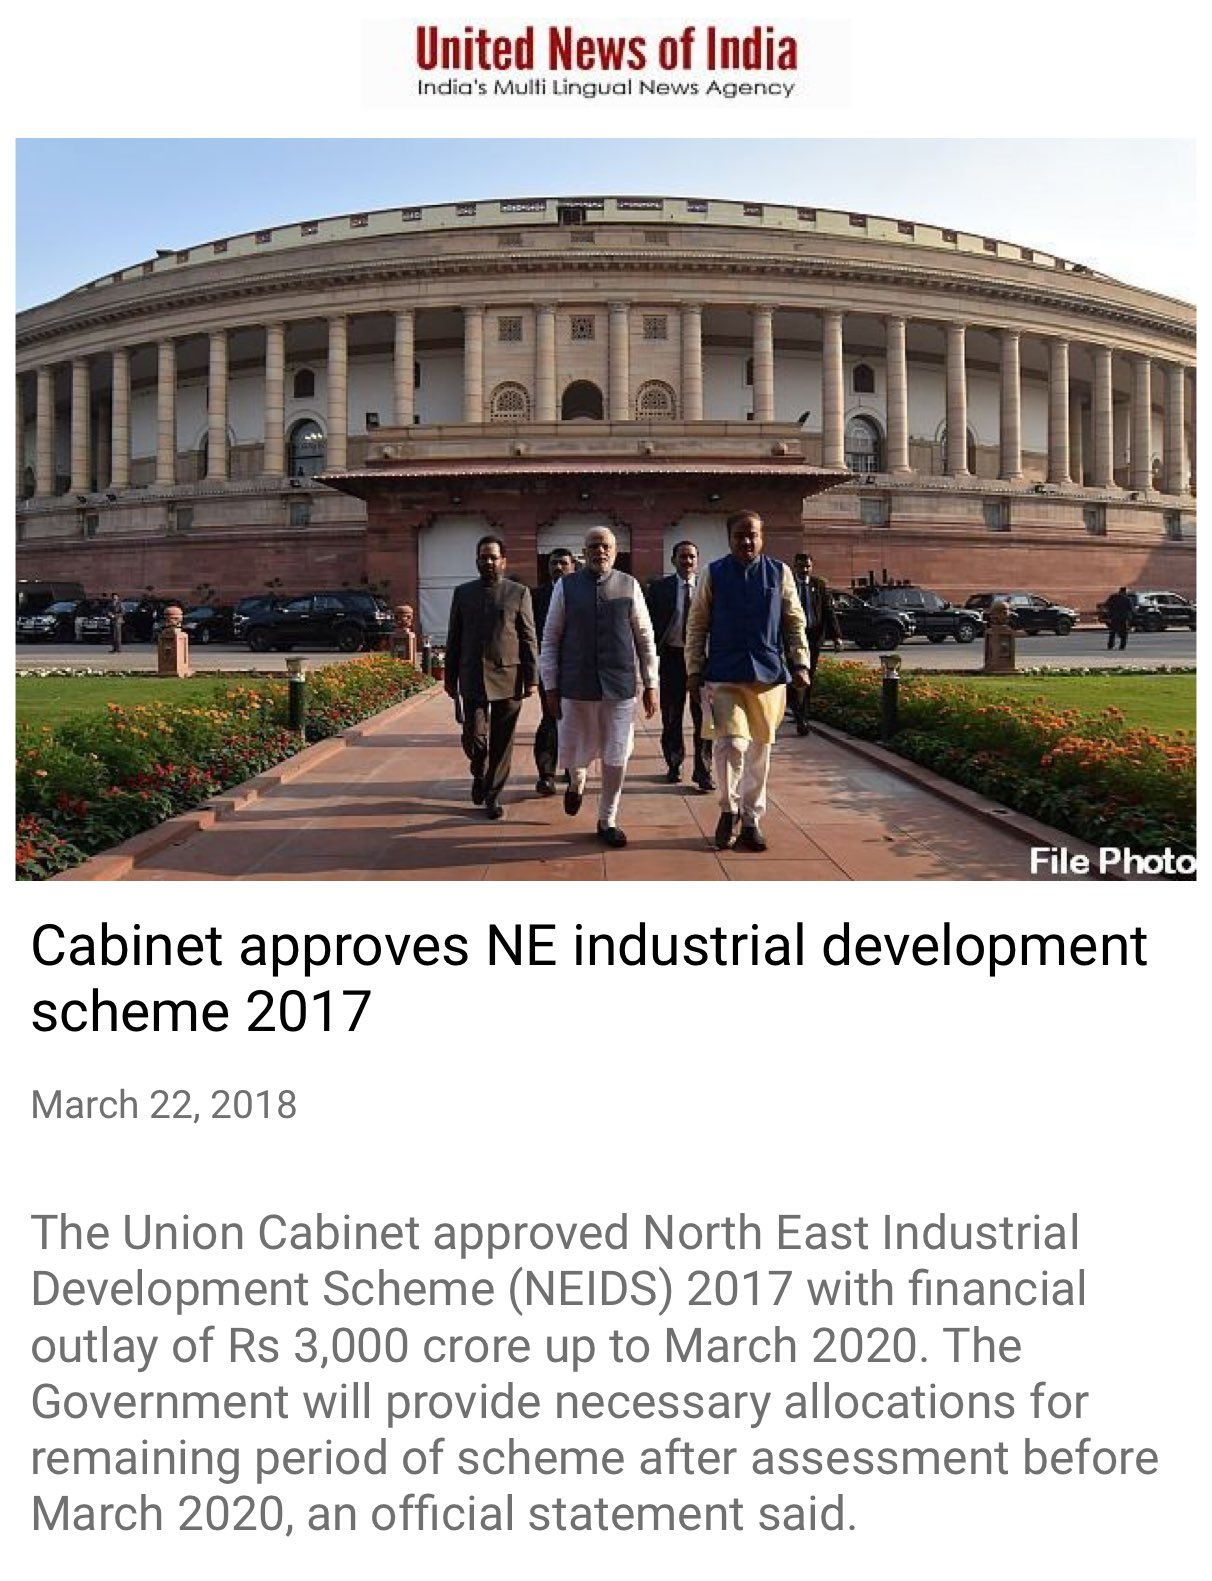 Cabinet approves NE industrial development scheme.  https://t.co/JQEbETz4Wd  via NMApp https://t.co/a2KZx0ir20